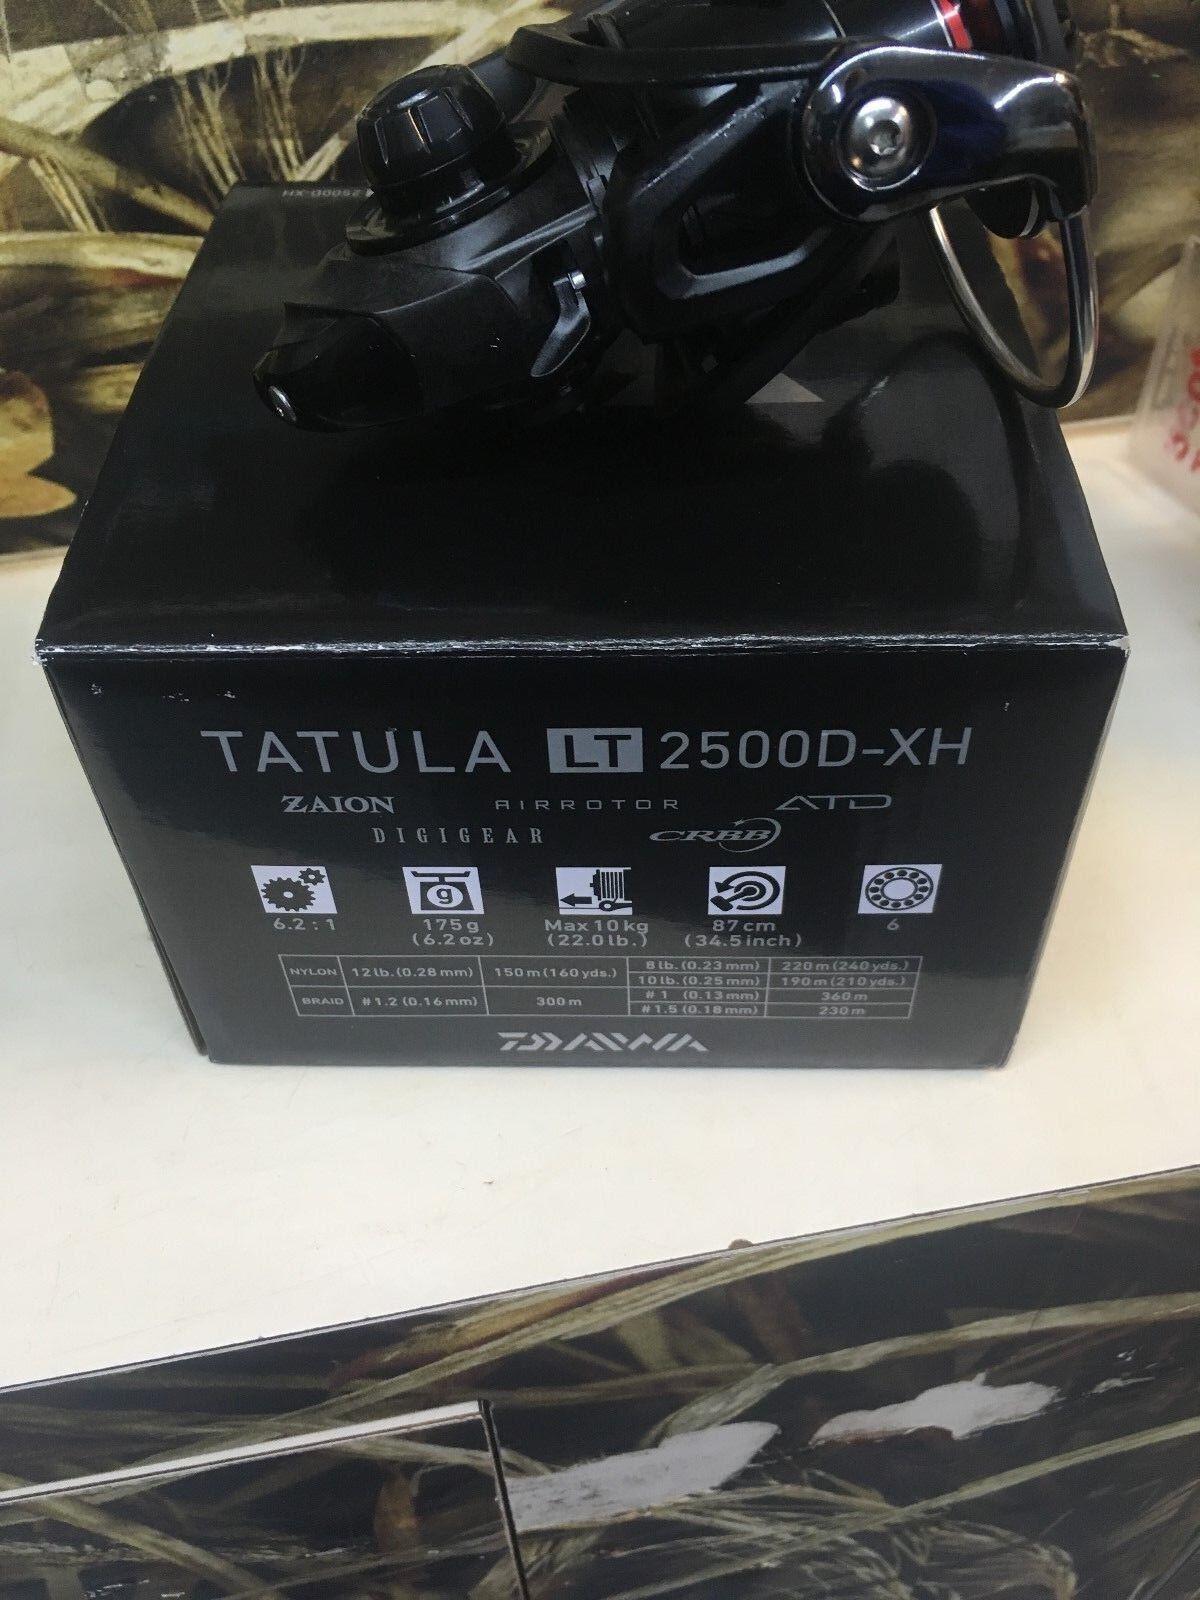 Daiwa Tatula LT 2500D-XH Spinning